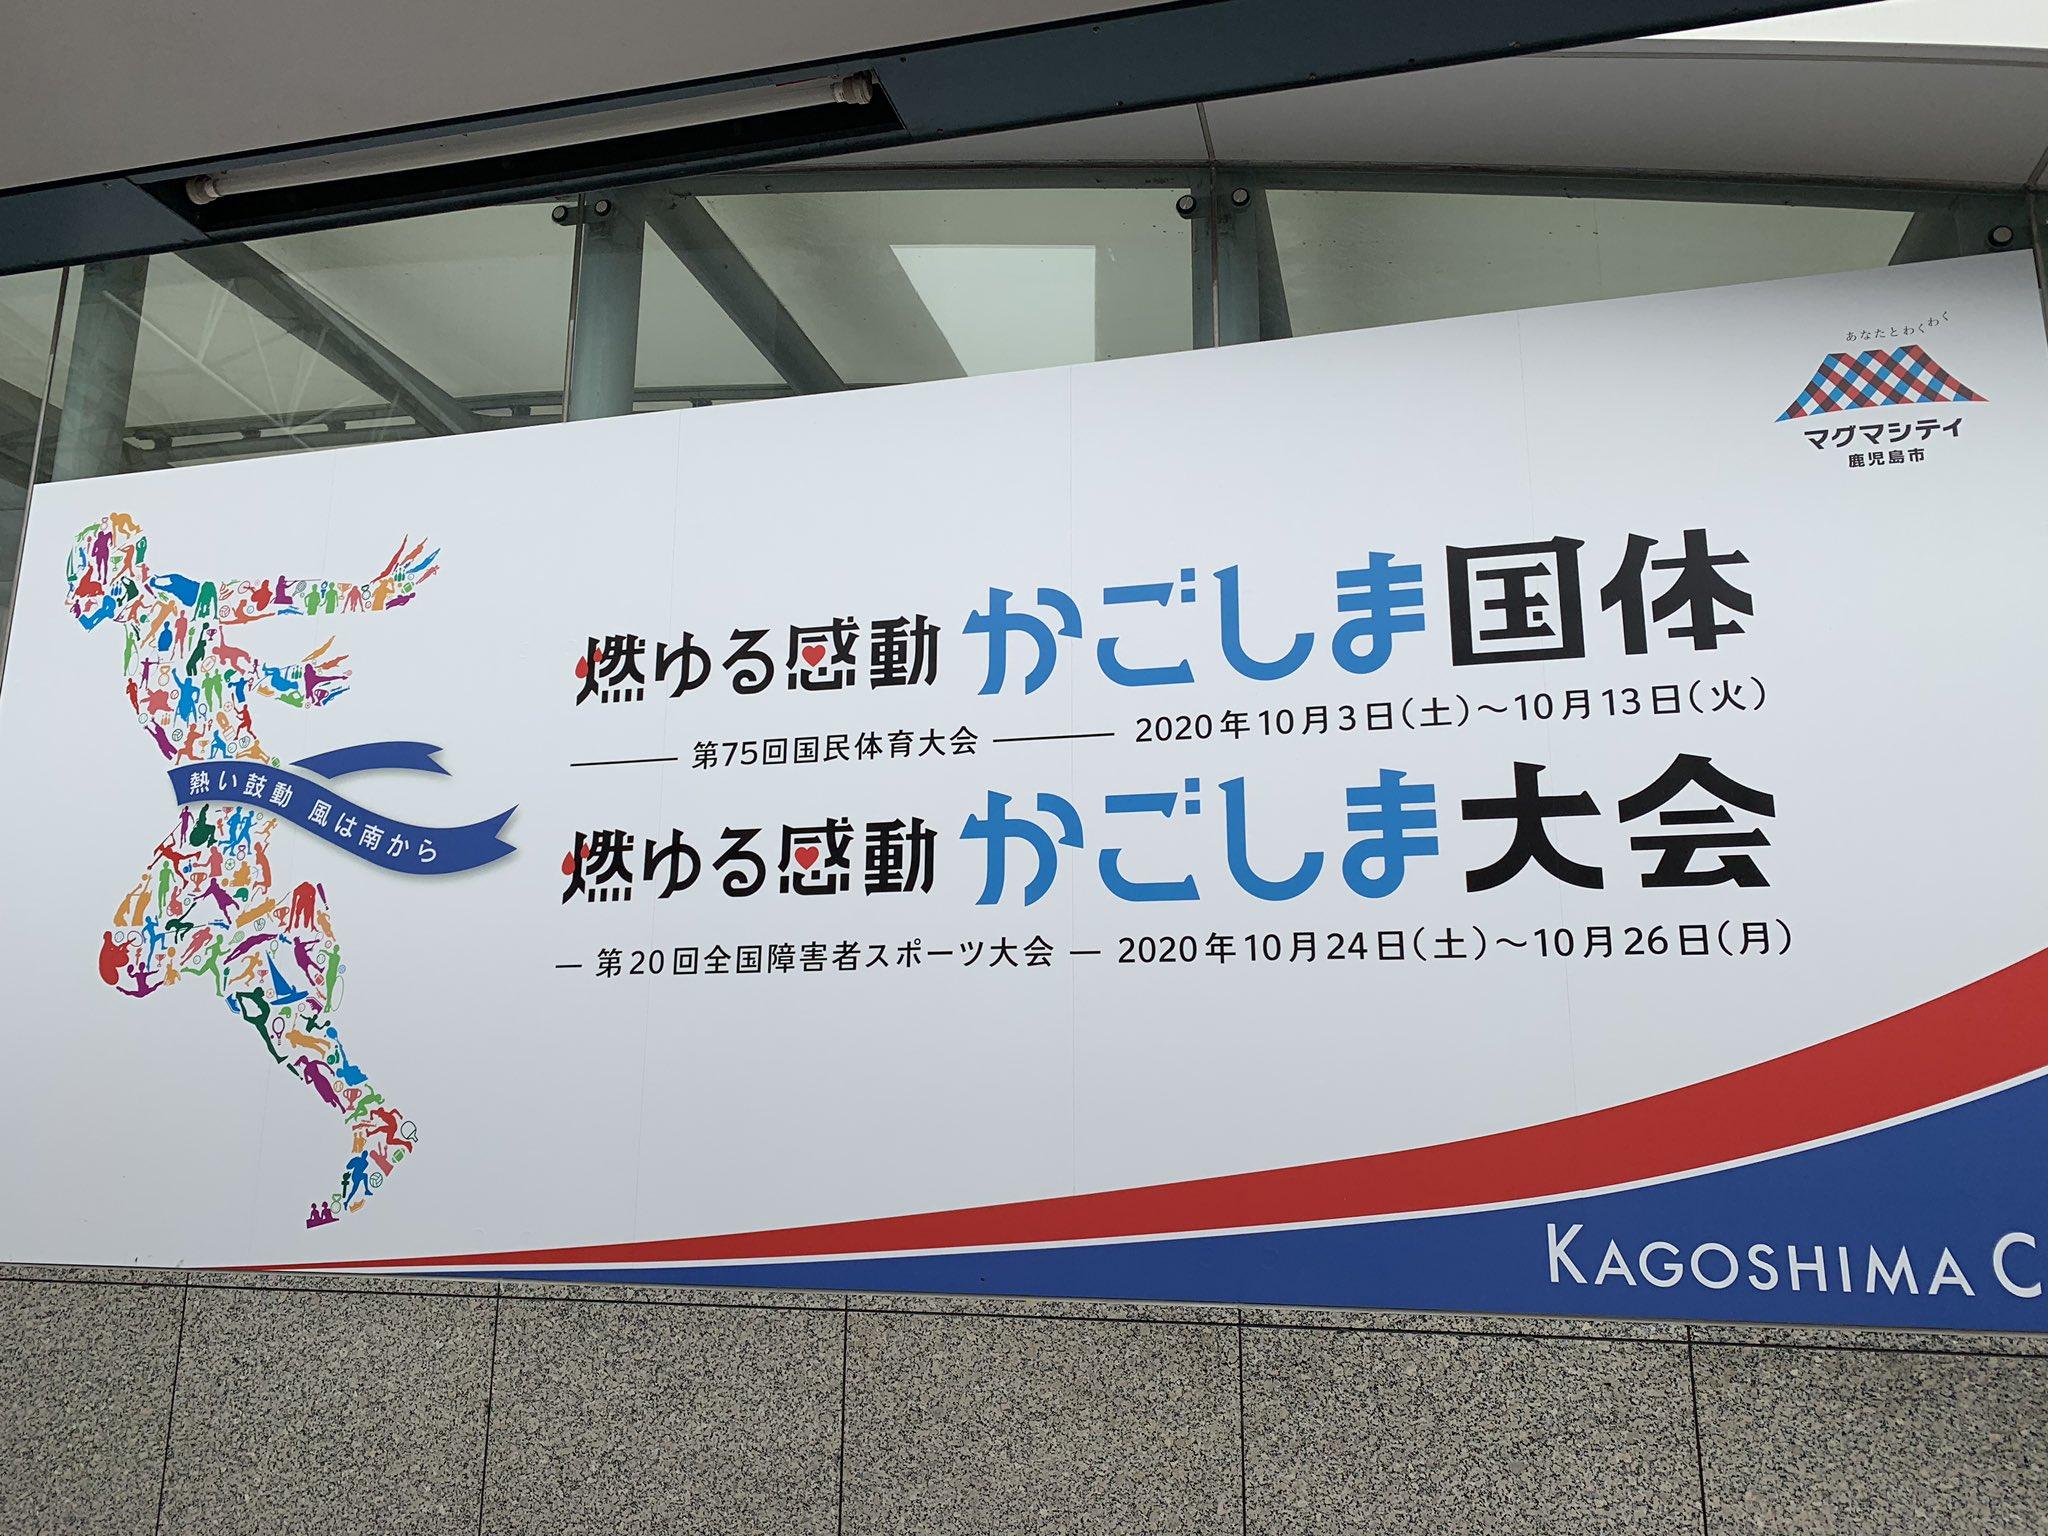 人身事故 九州 新幹線